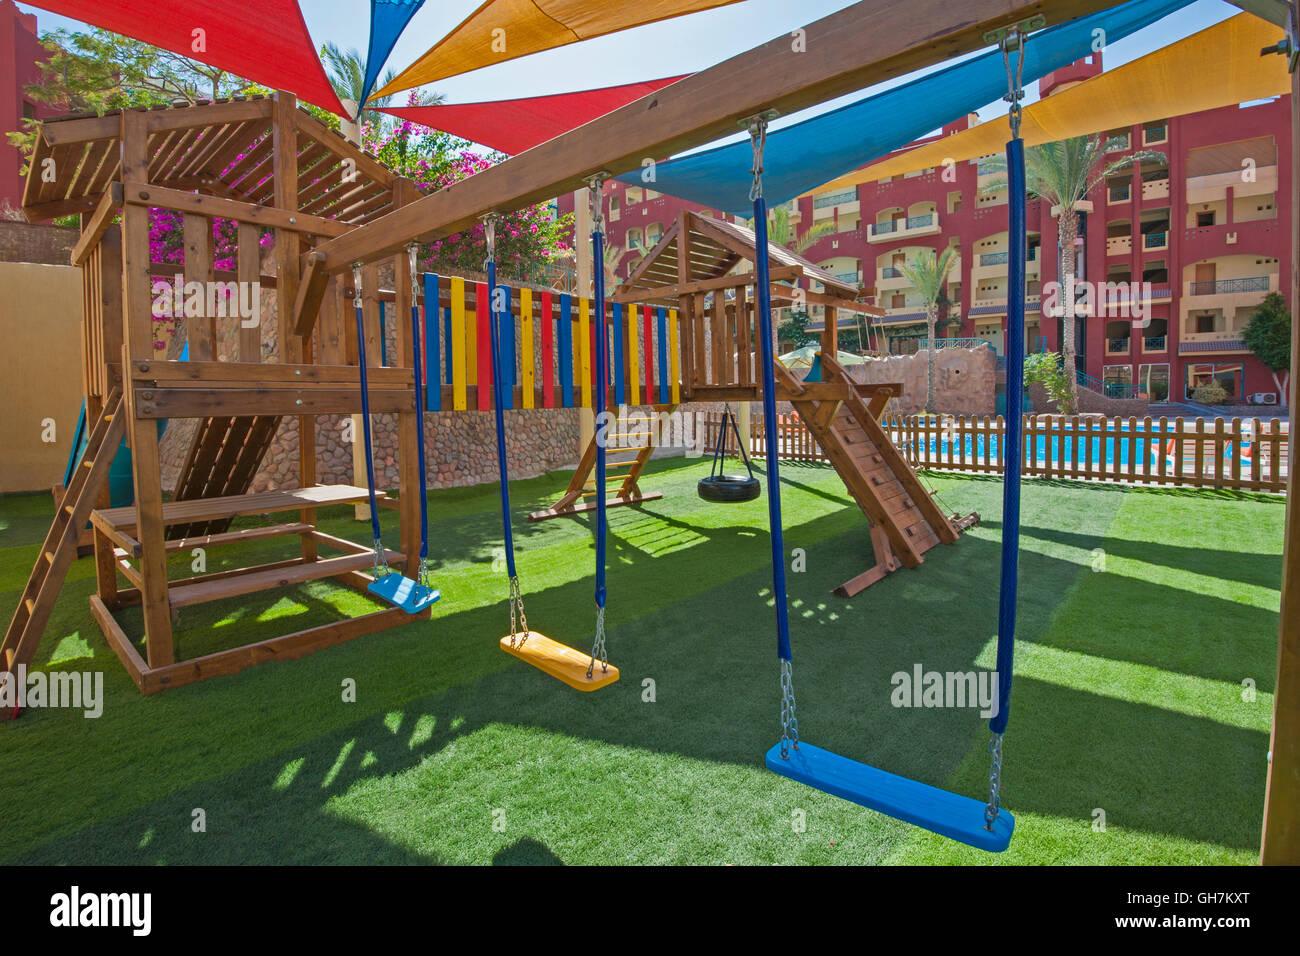 Klettergerüst Kinder Outdoor : Kinder spielplatz im freien bereich tropical hotel resort mit